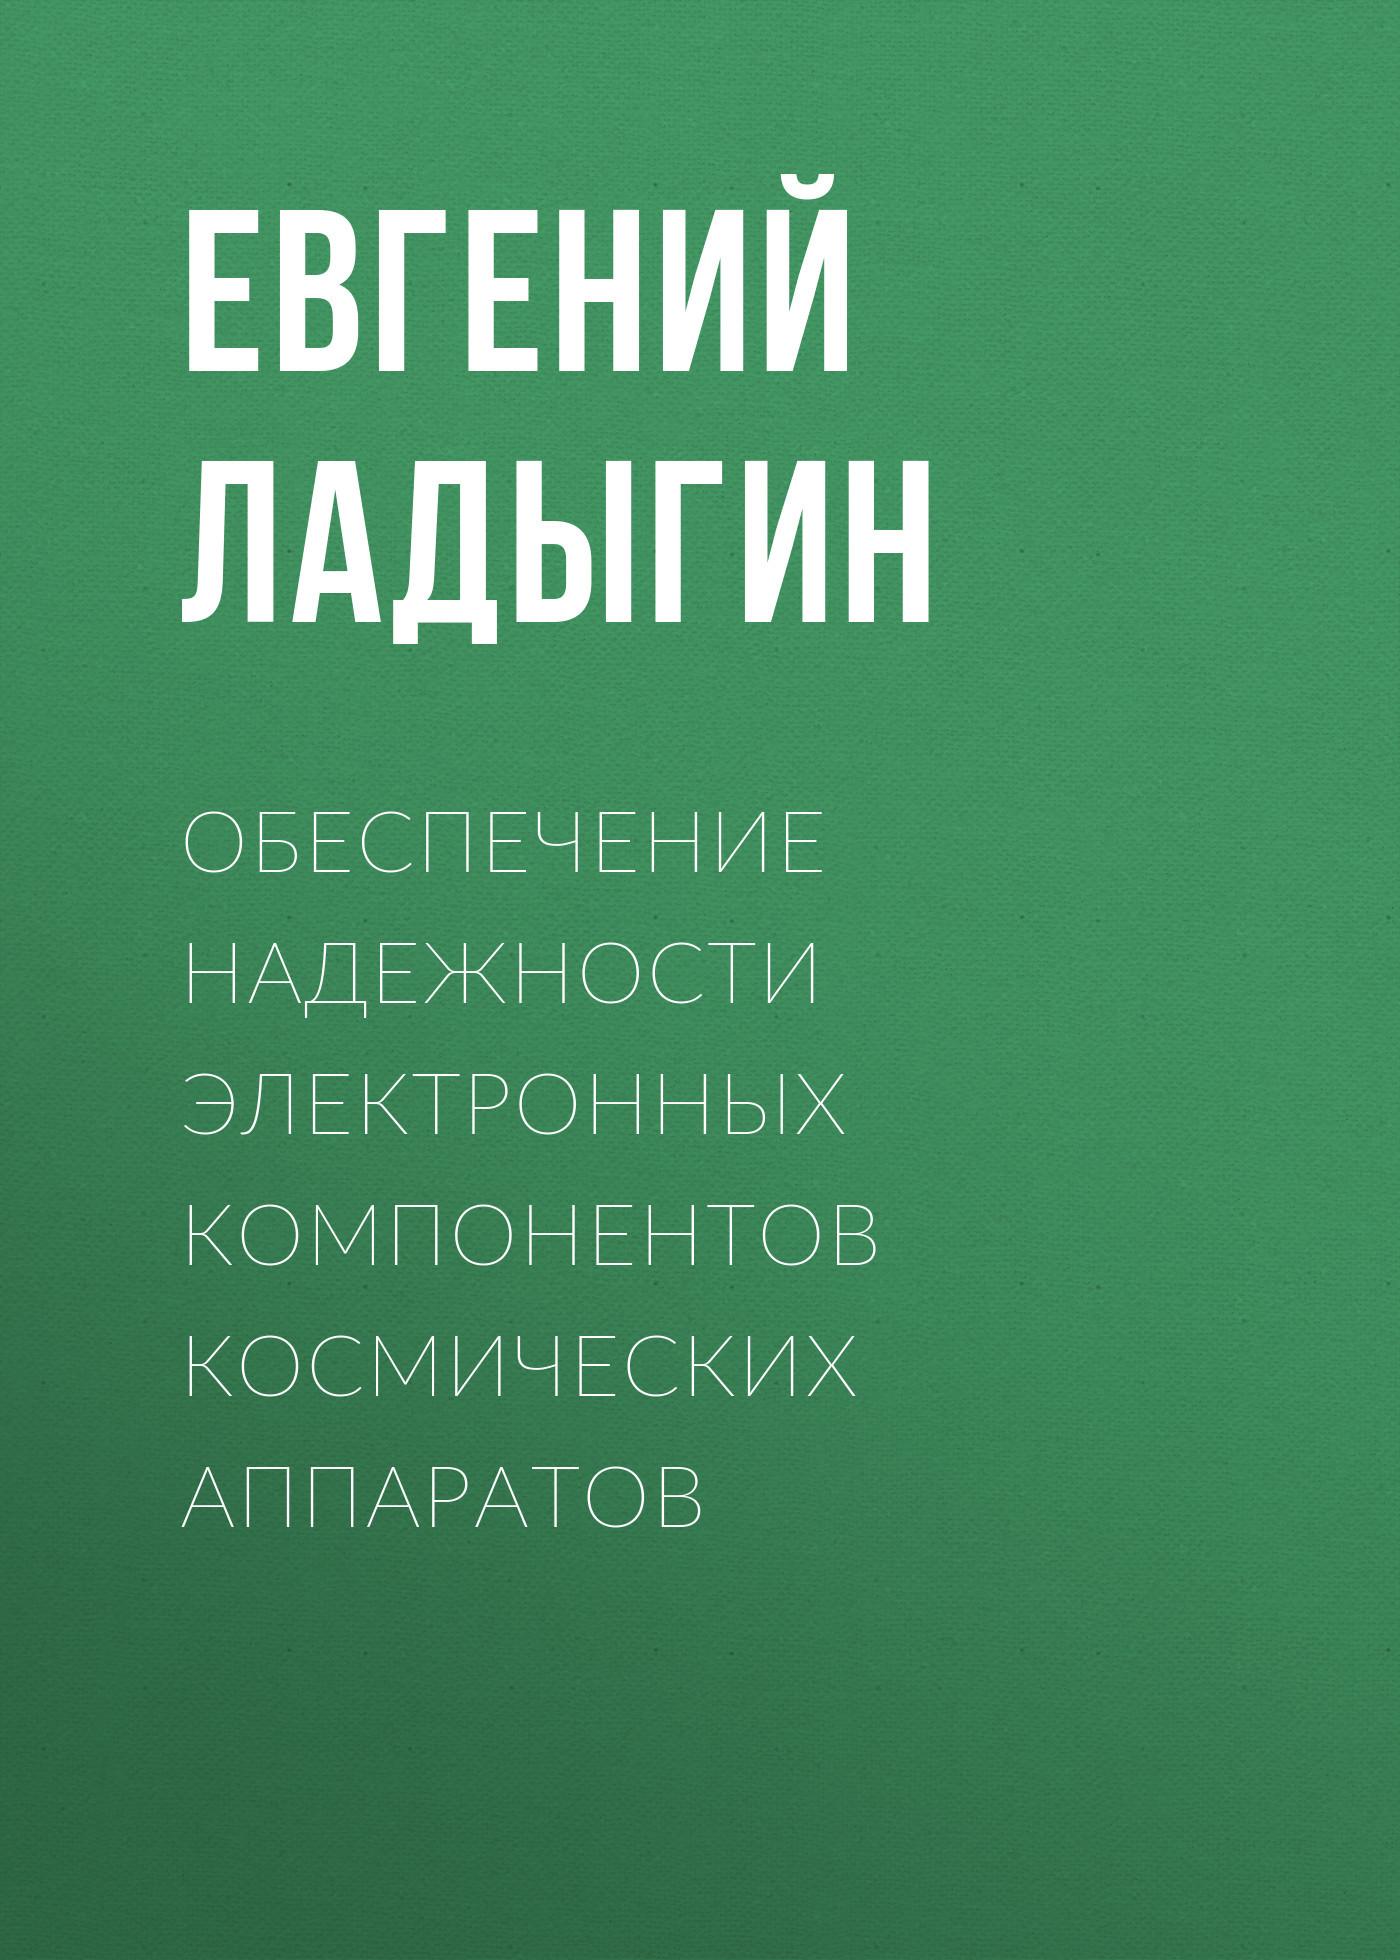 Евгений Ладыгин Обеспечение надежности электронных компонентов космических аппаратов